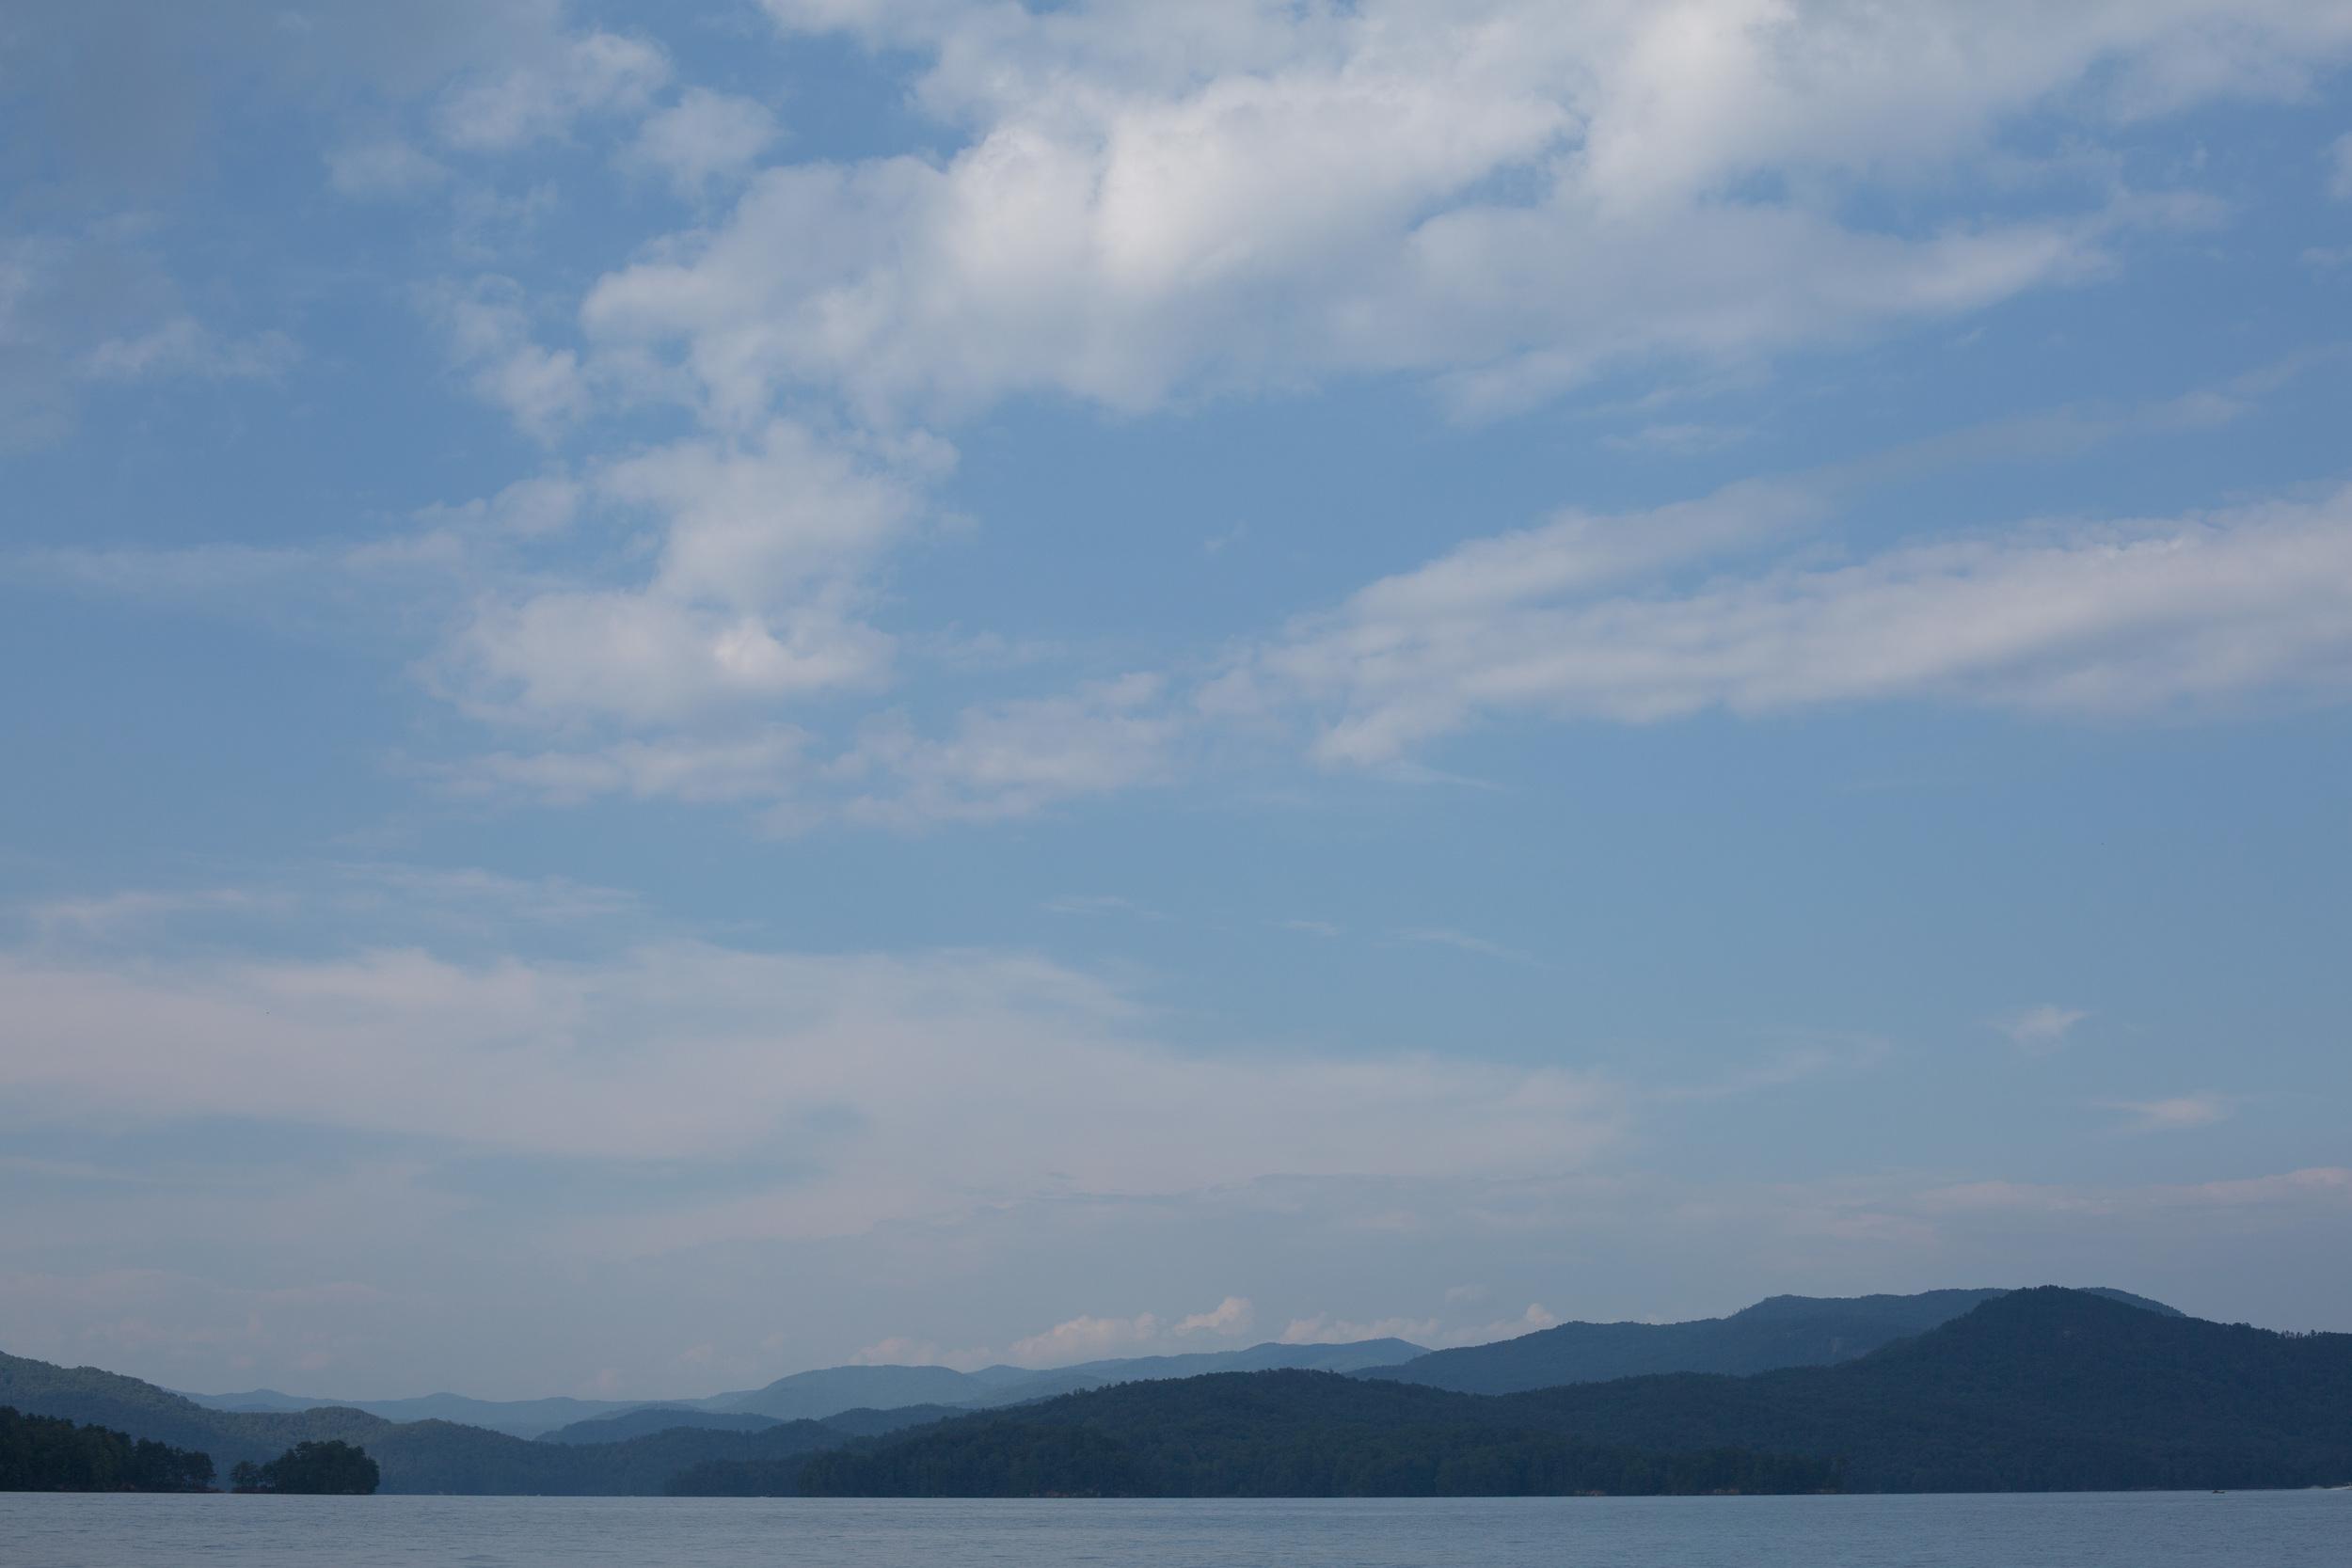 Devils_Fork_State_Park_July_2015_Lake_Jocassee_064.jpg